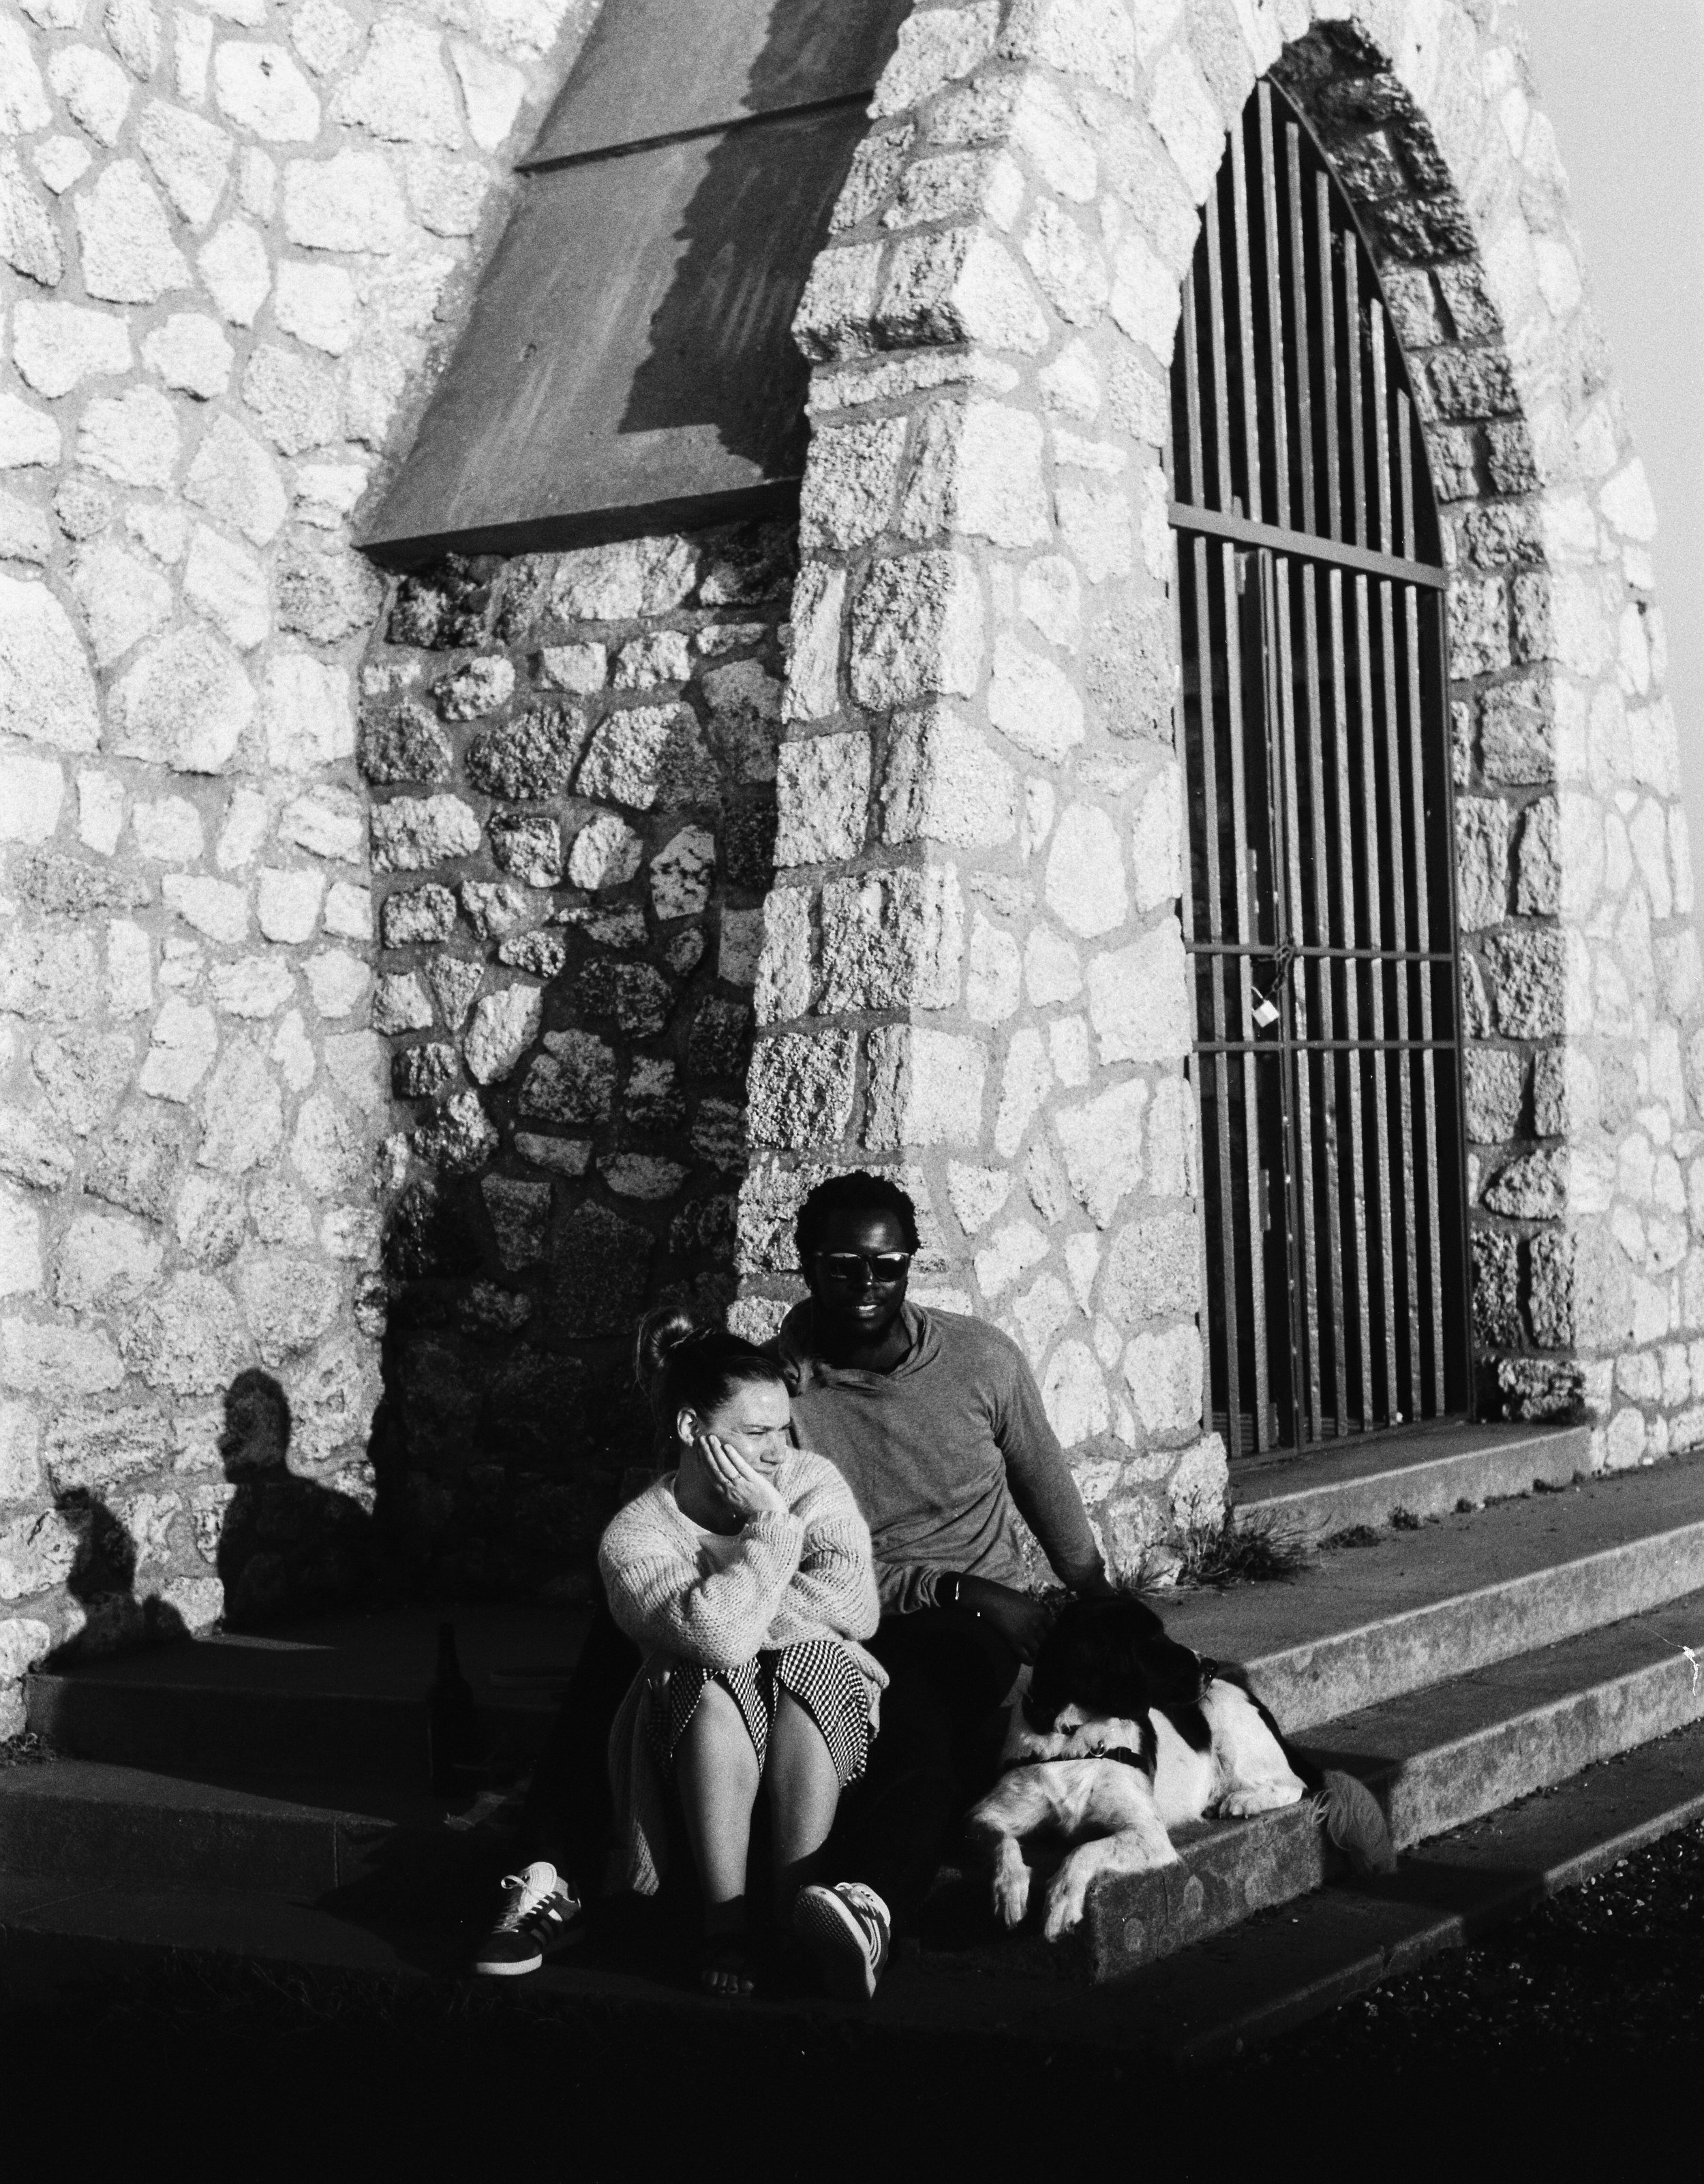 TaraShupe_NormandyFrance_MinoltaFilm_Vintage_016.jpg